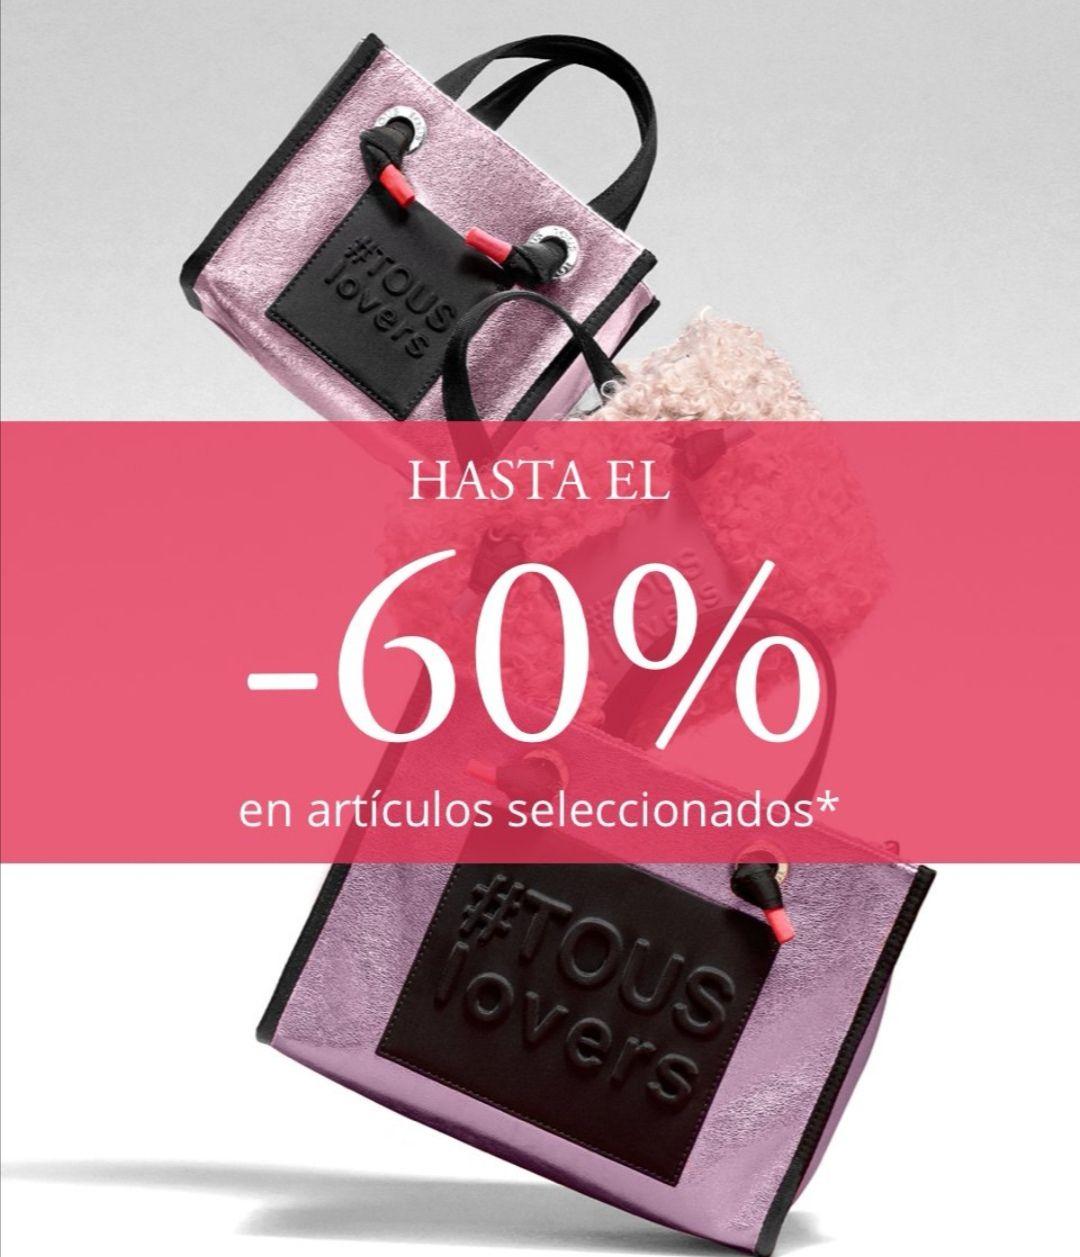 # TOUS # HASTA EL - 60% EN ARTÍCULOS SELECCIONADOS.